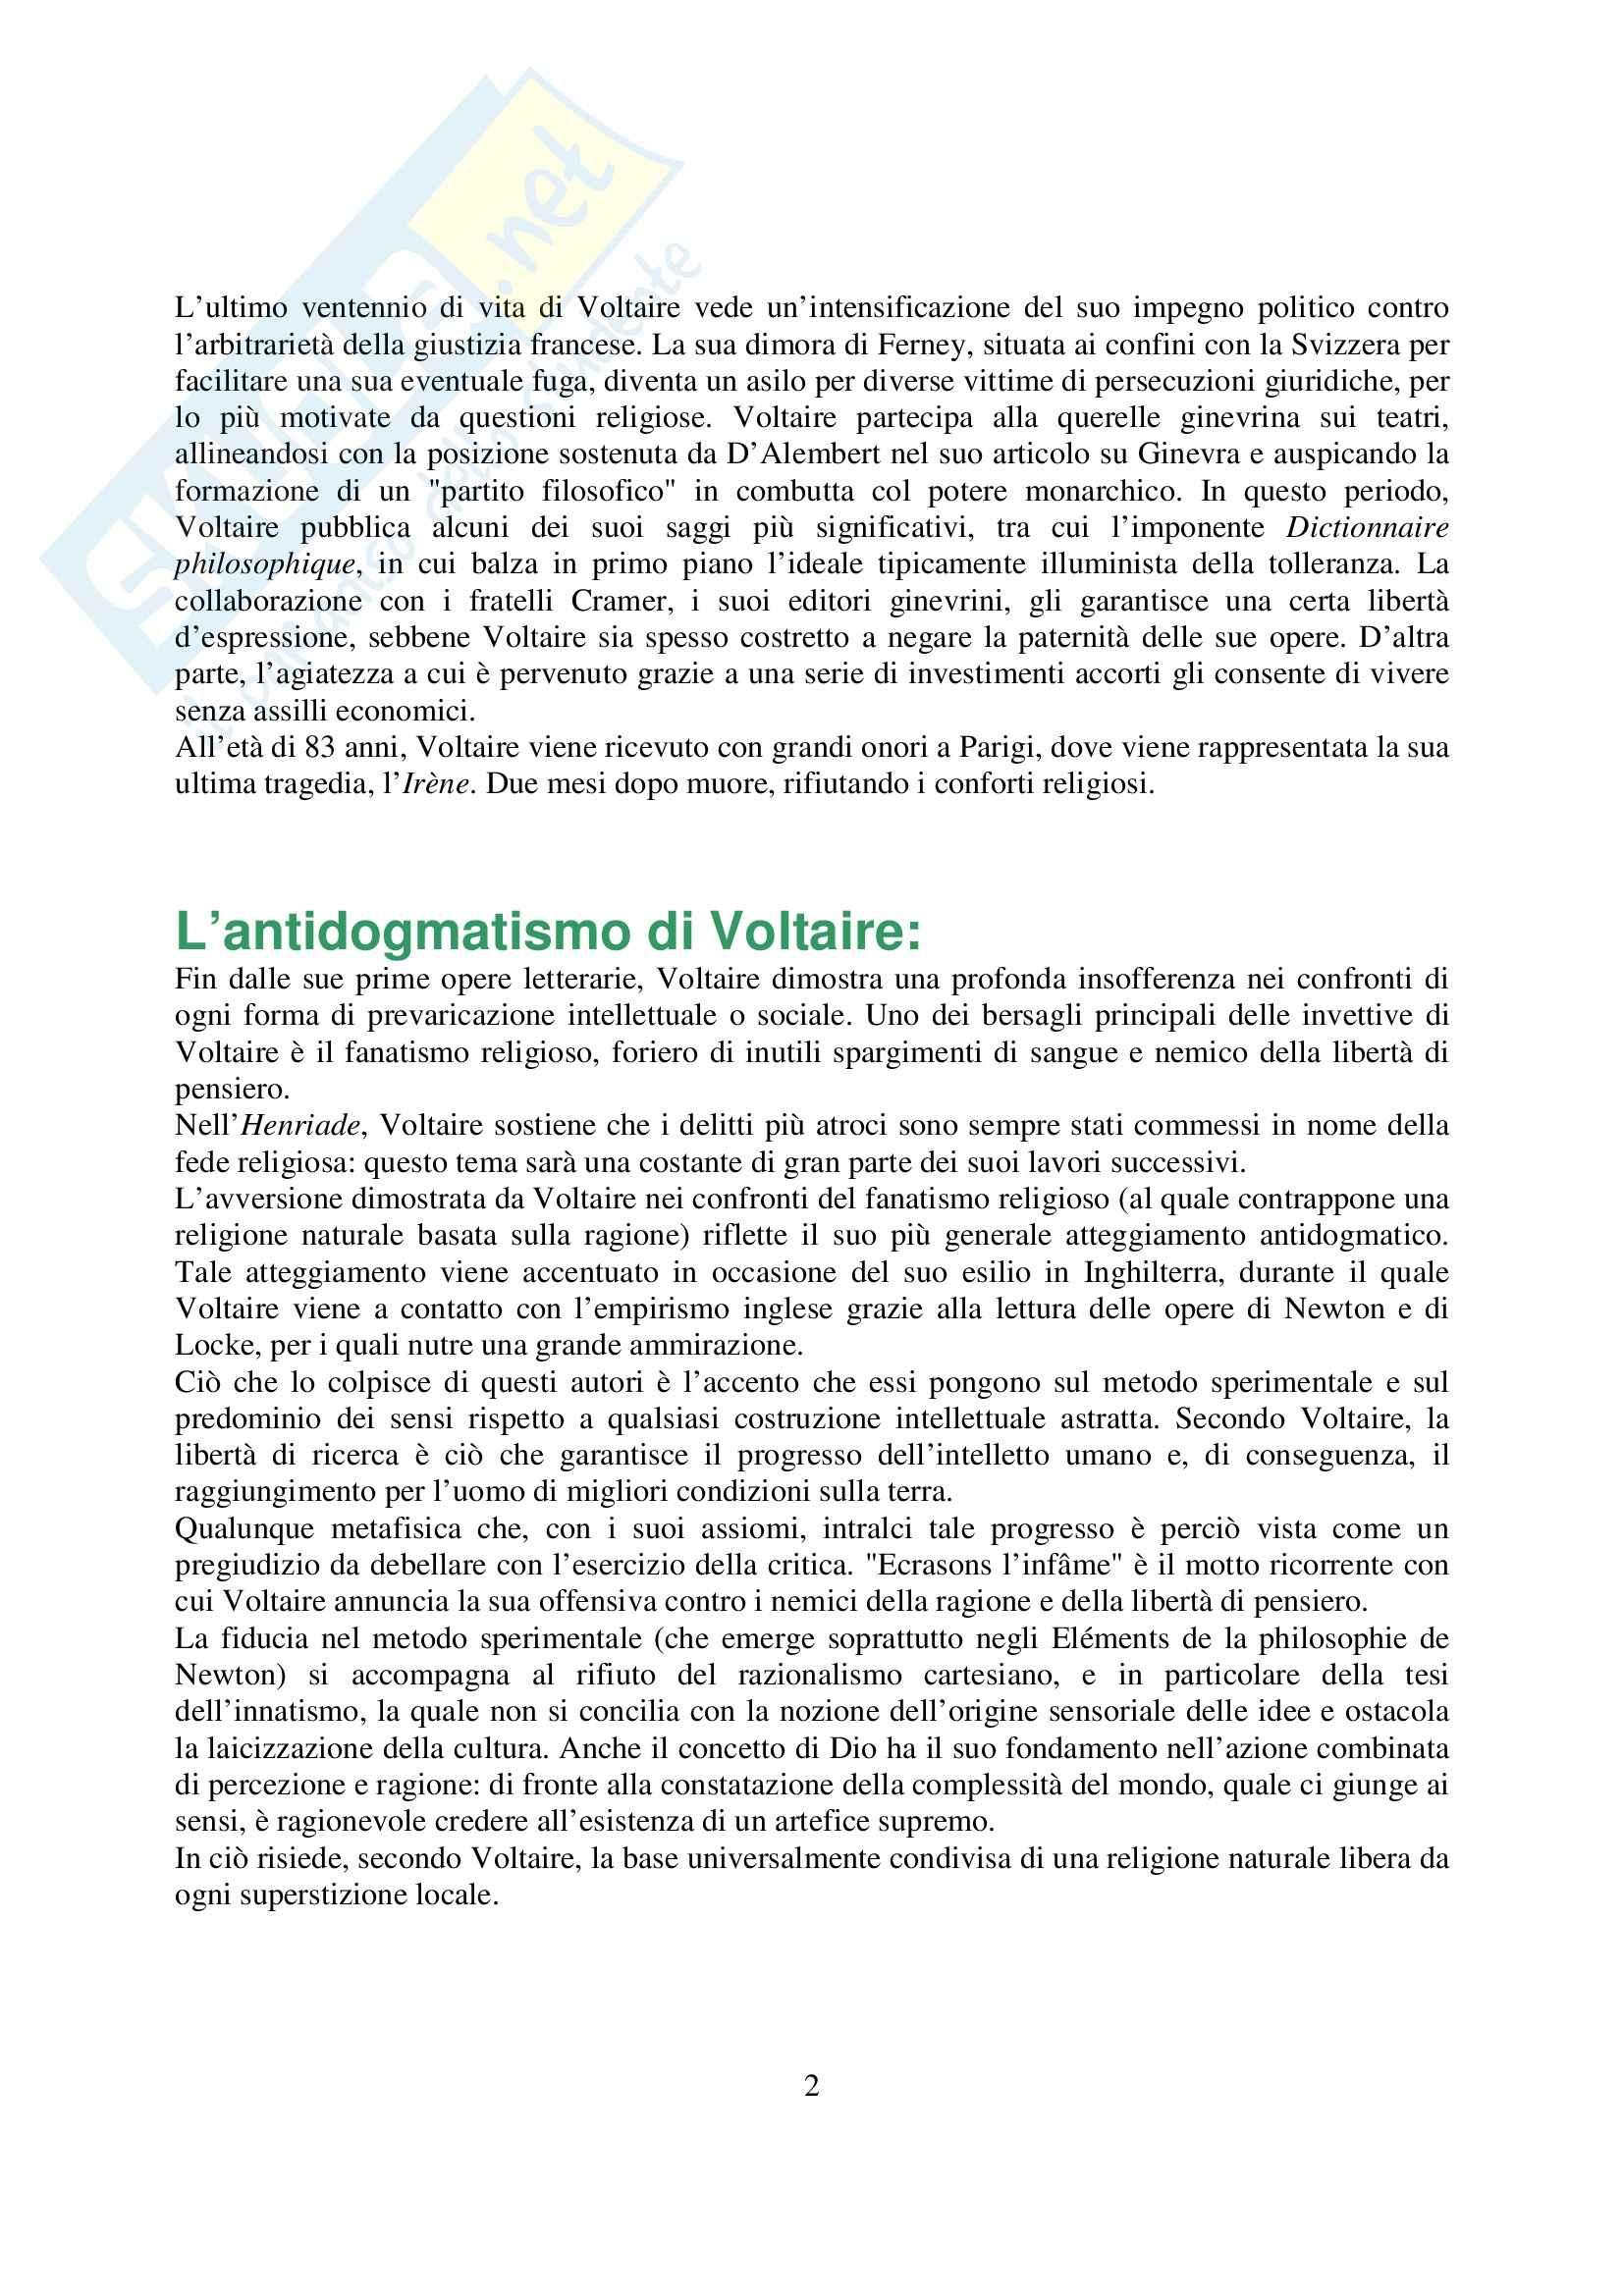 Letteratura francese - vita e opere di Voltaire - Appunti Pag. 2